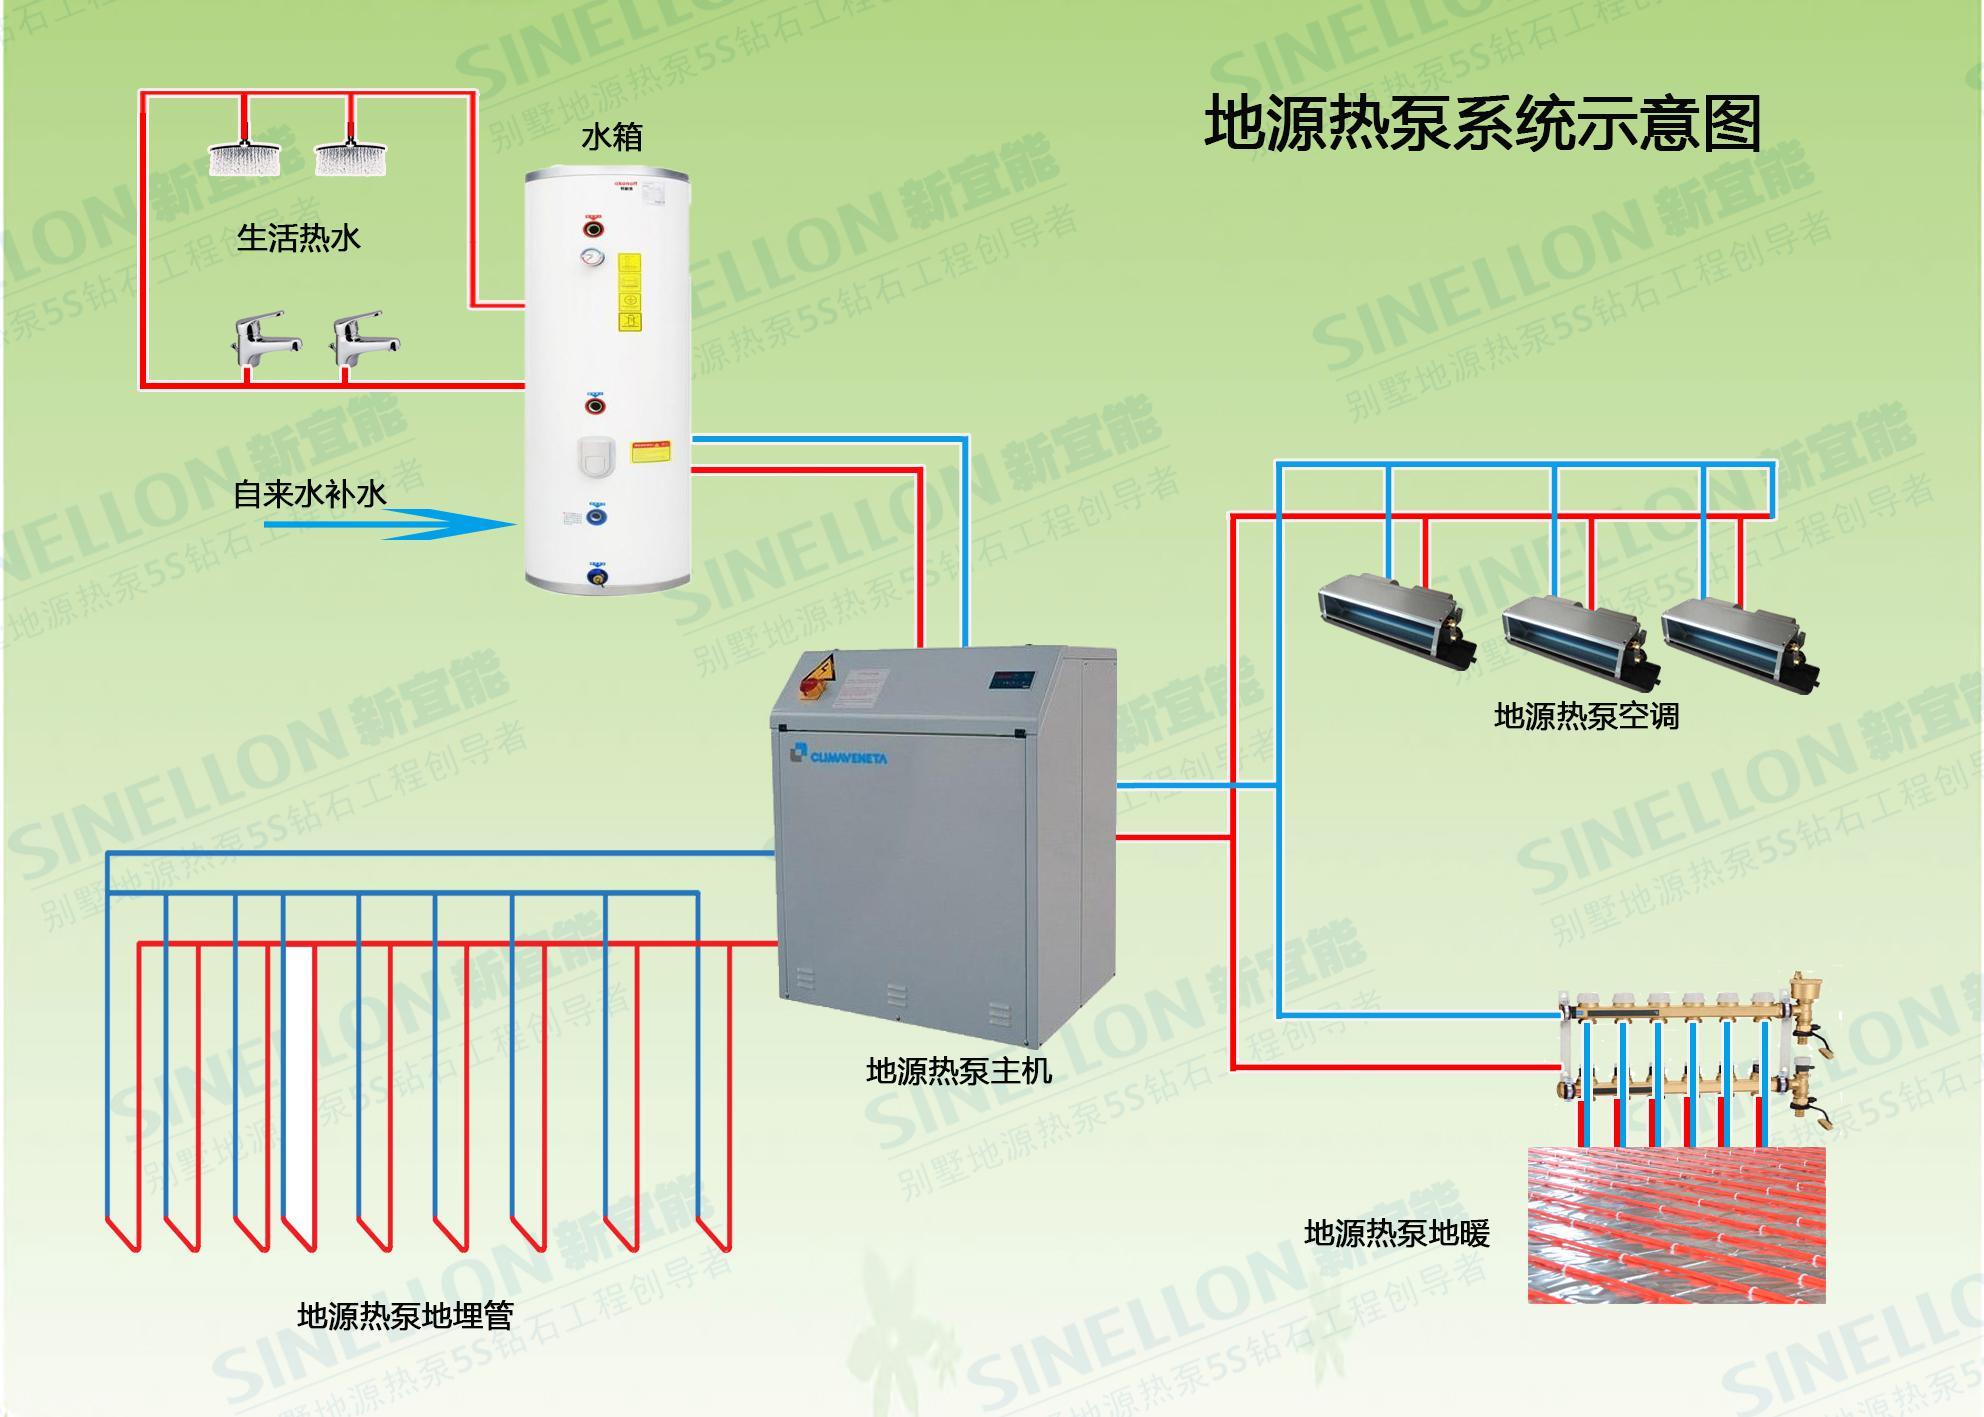 地源热泵空调技术详细介绍_地源空调_江苏方亚地源空调有限公司怎么样